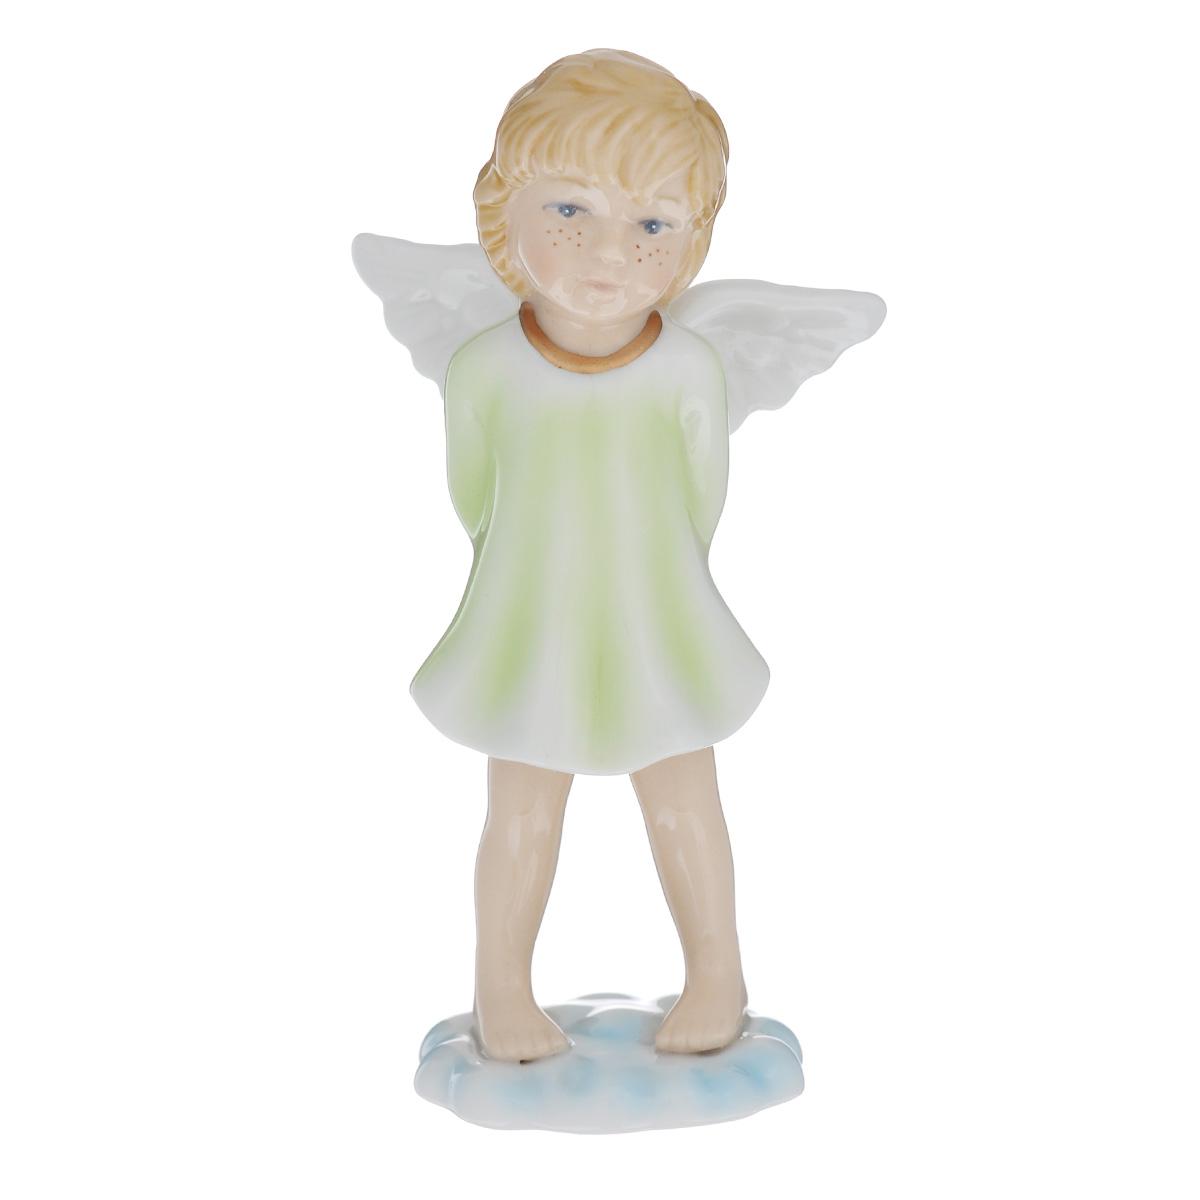 Статуэтка Navel Ангел на облаке в зеленом, высота 13 смN-PB0967/B-ALОчаровательная статуэтка Ангел на облаке, выполненная из фарфора, станет оригинальным подарком для всех любителей стильных вещей. Изысканный сувенир станет прекрасным дополнением к интерьеру. Вы можете поставить статуэтку в любом месте, где она будет удачно смотреться, и радовать глаз.